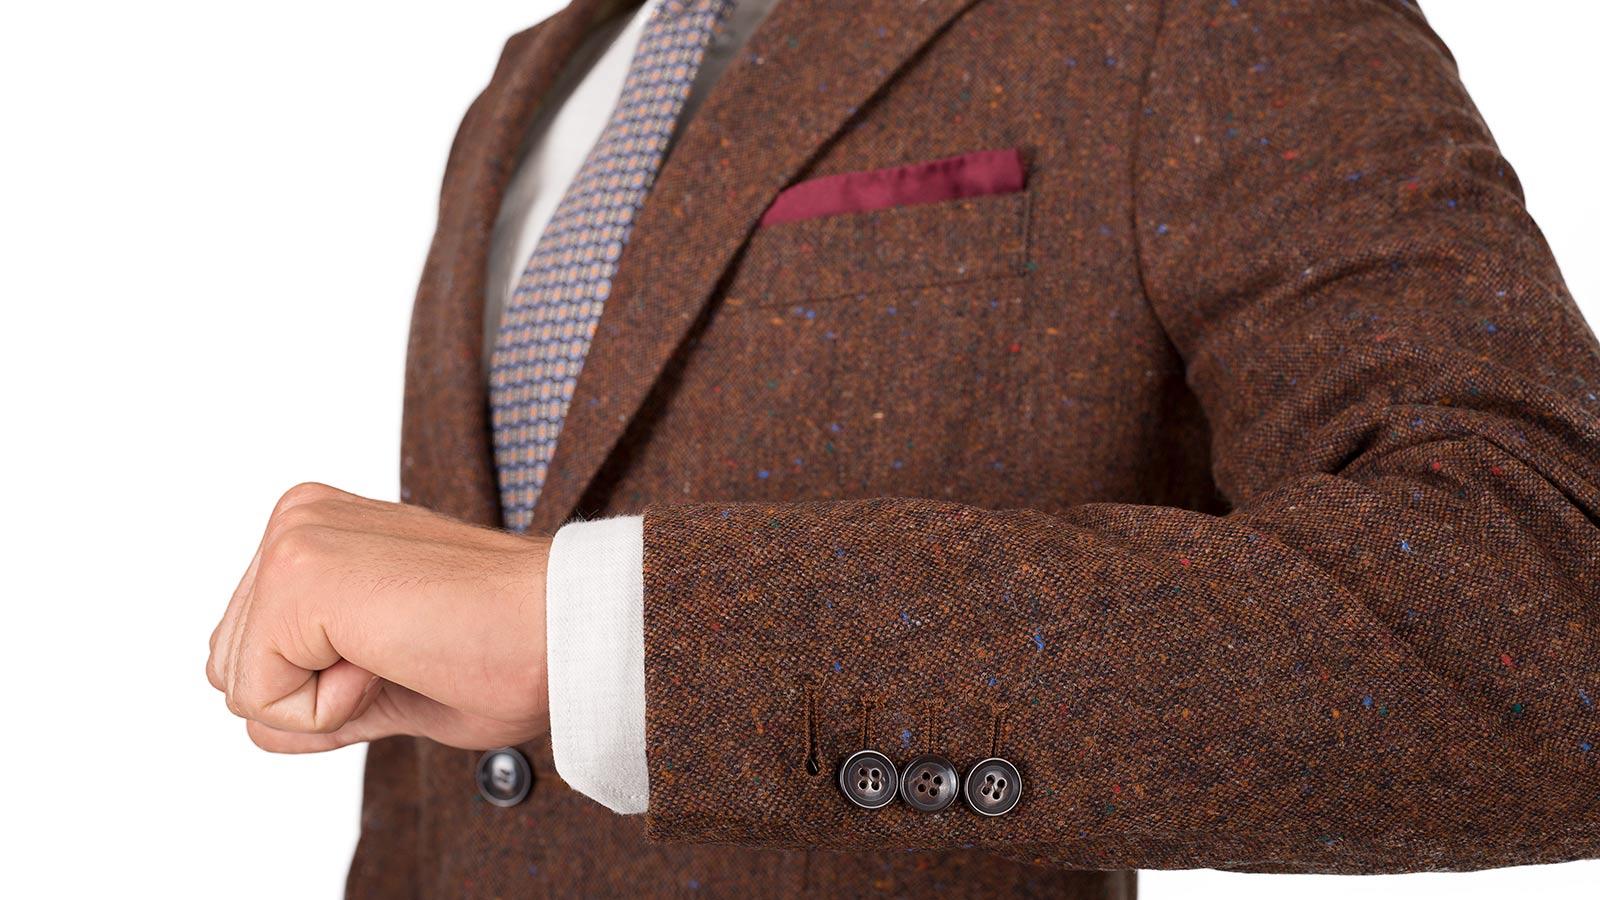 Copper Brown Donegal Tweed Blazer - slider image 1